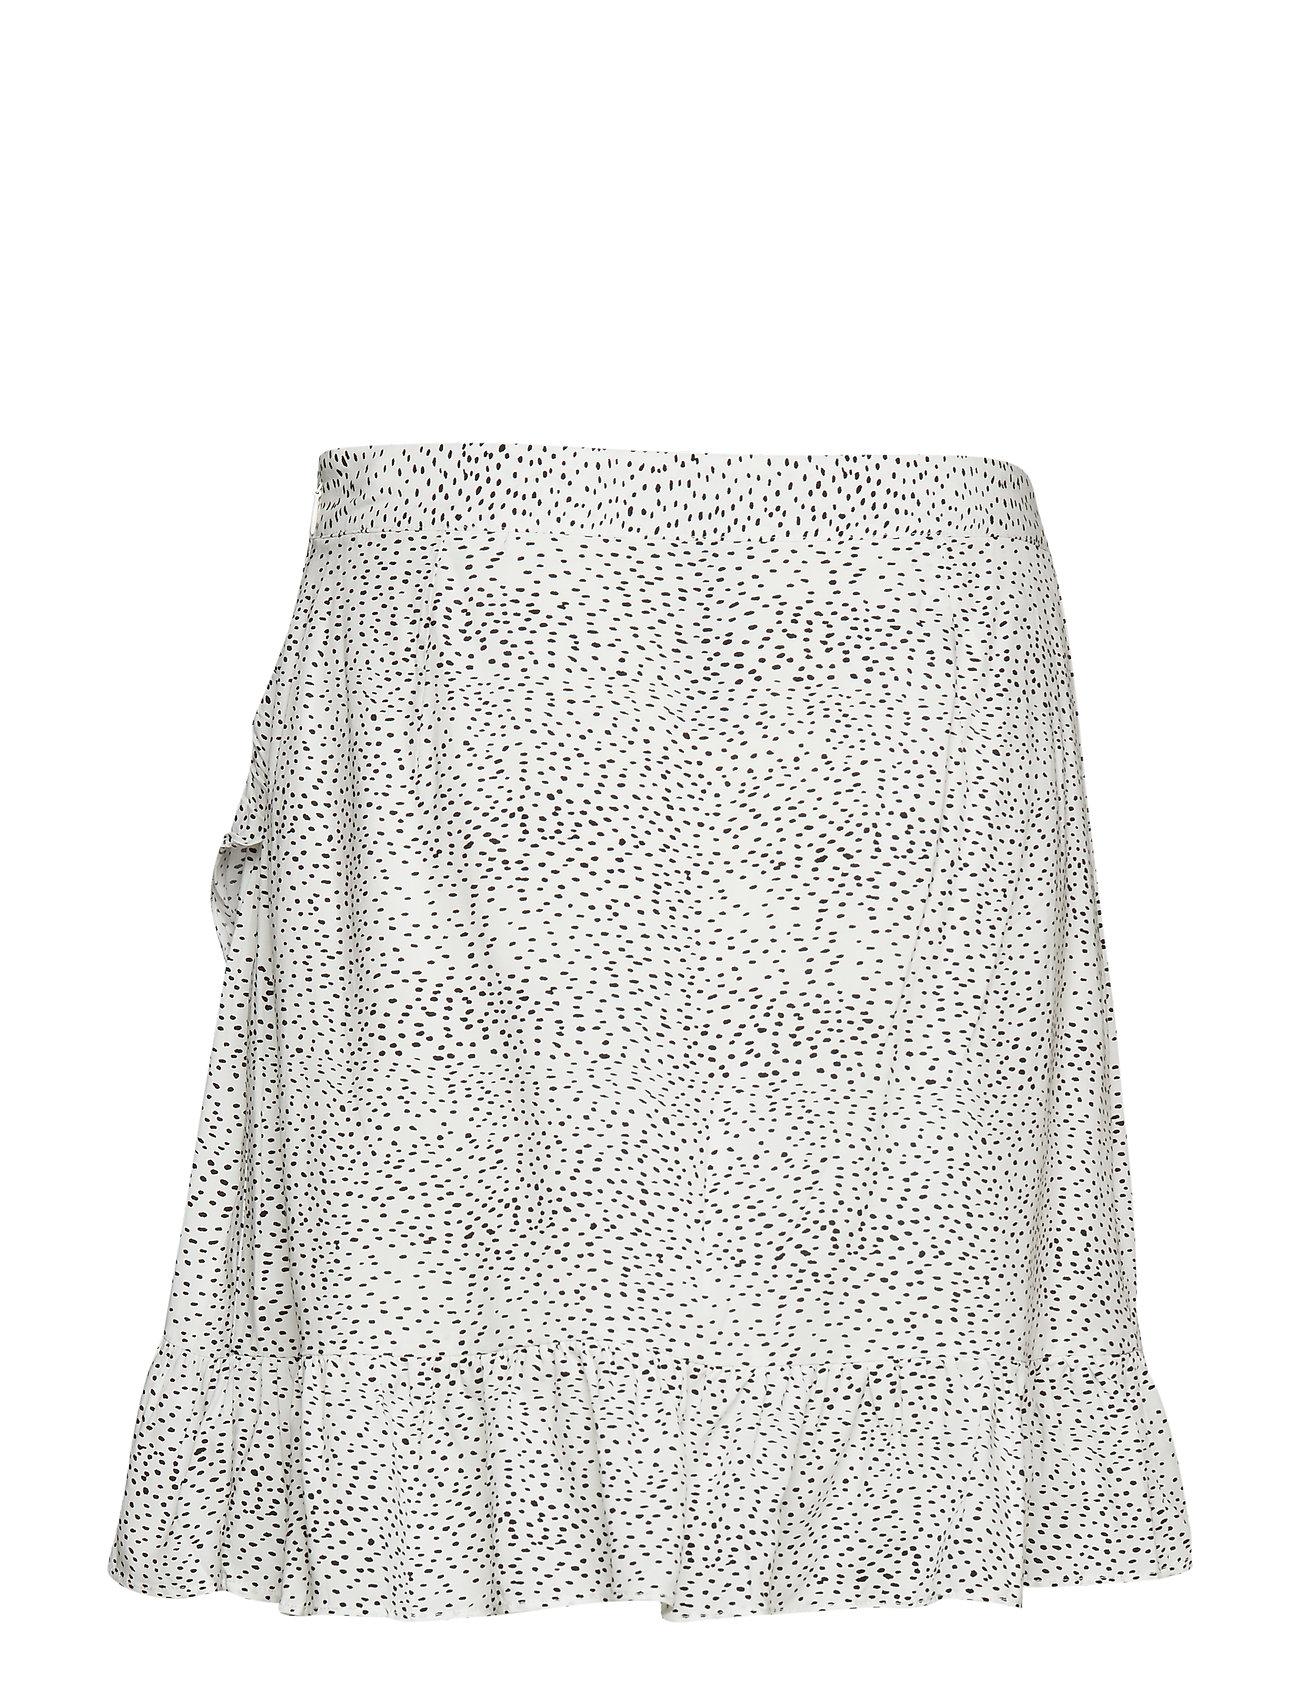 Cathringz Short Skirt Hs19